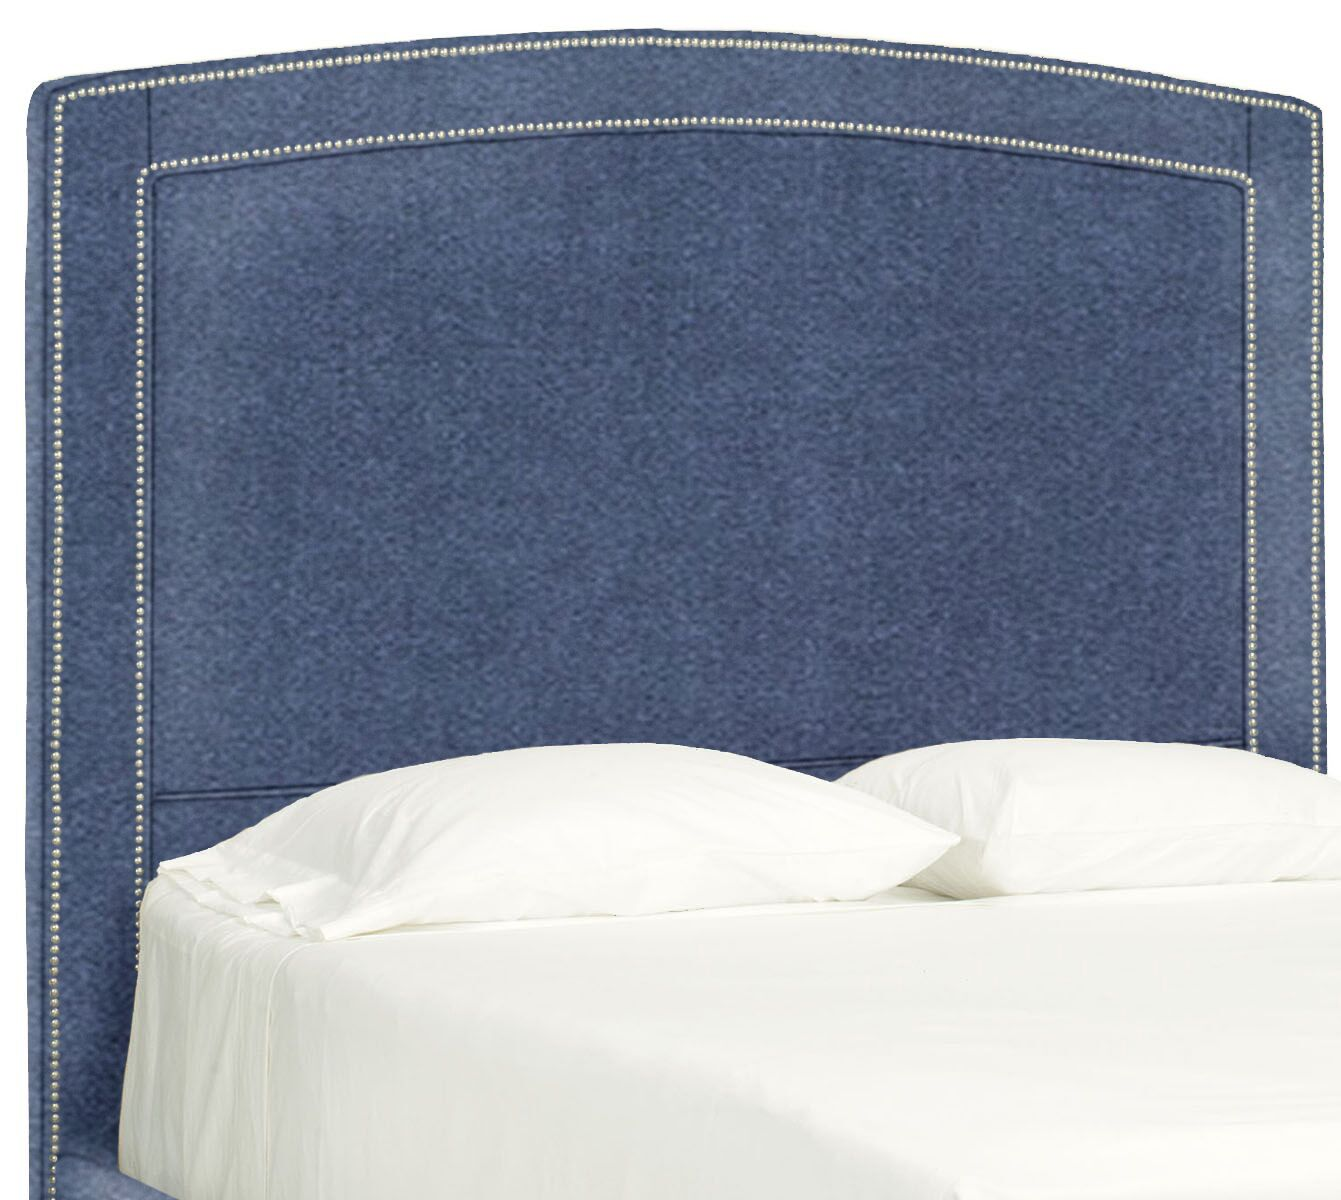 Dreamtime Upholstered Panel Headboard Size: Full, Upholstery: Navy